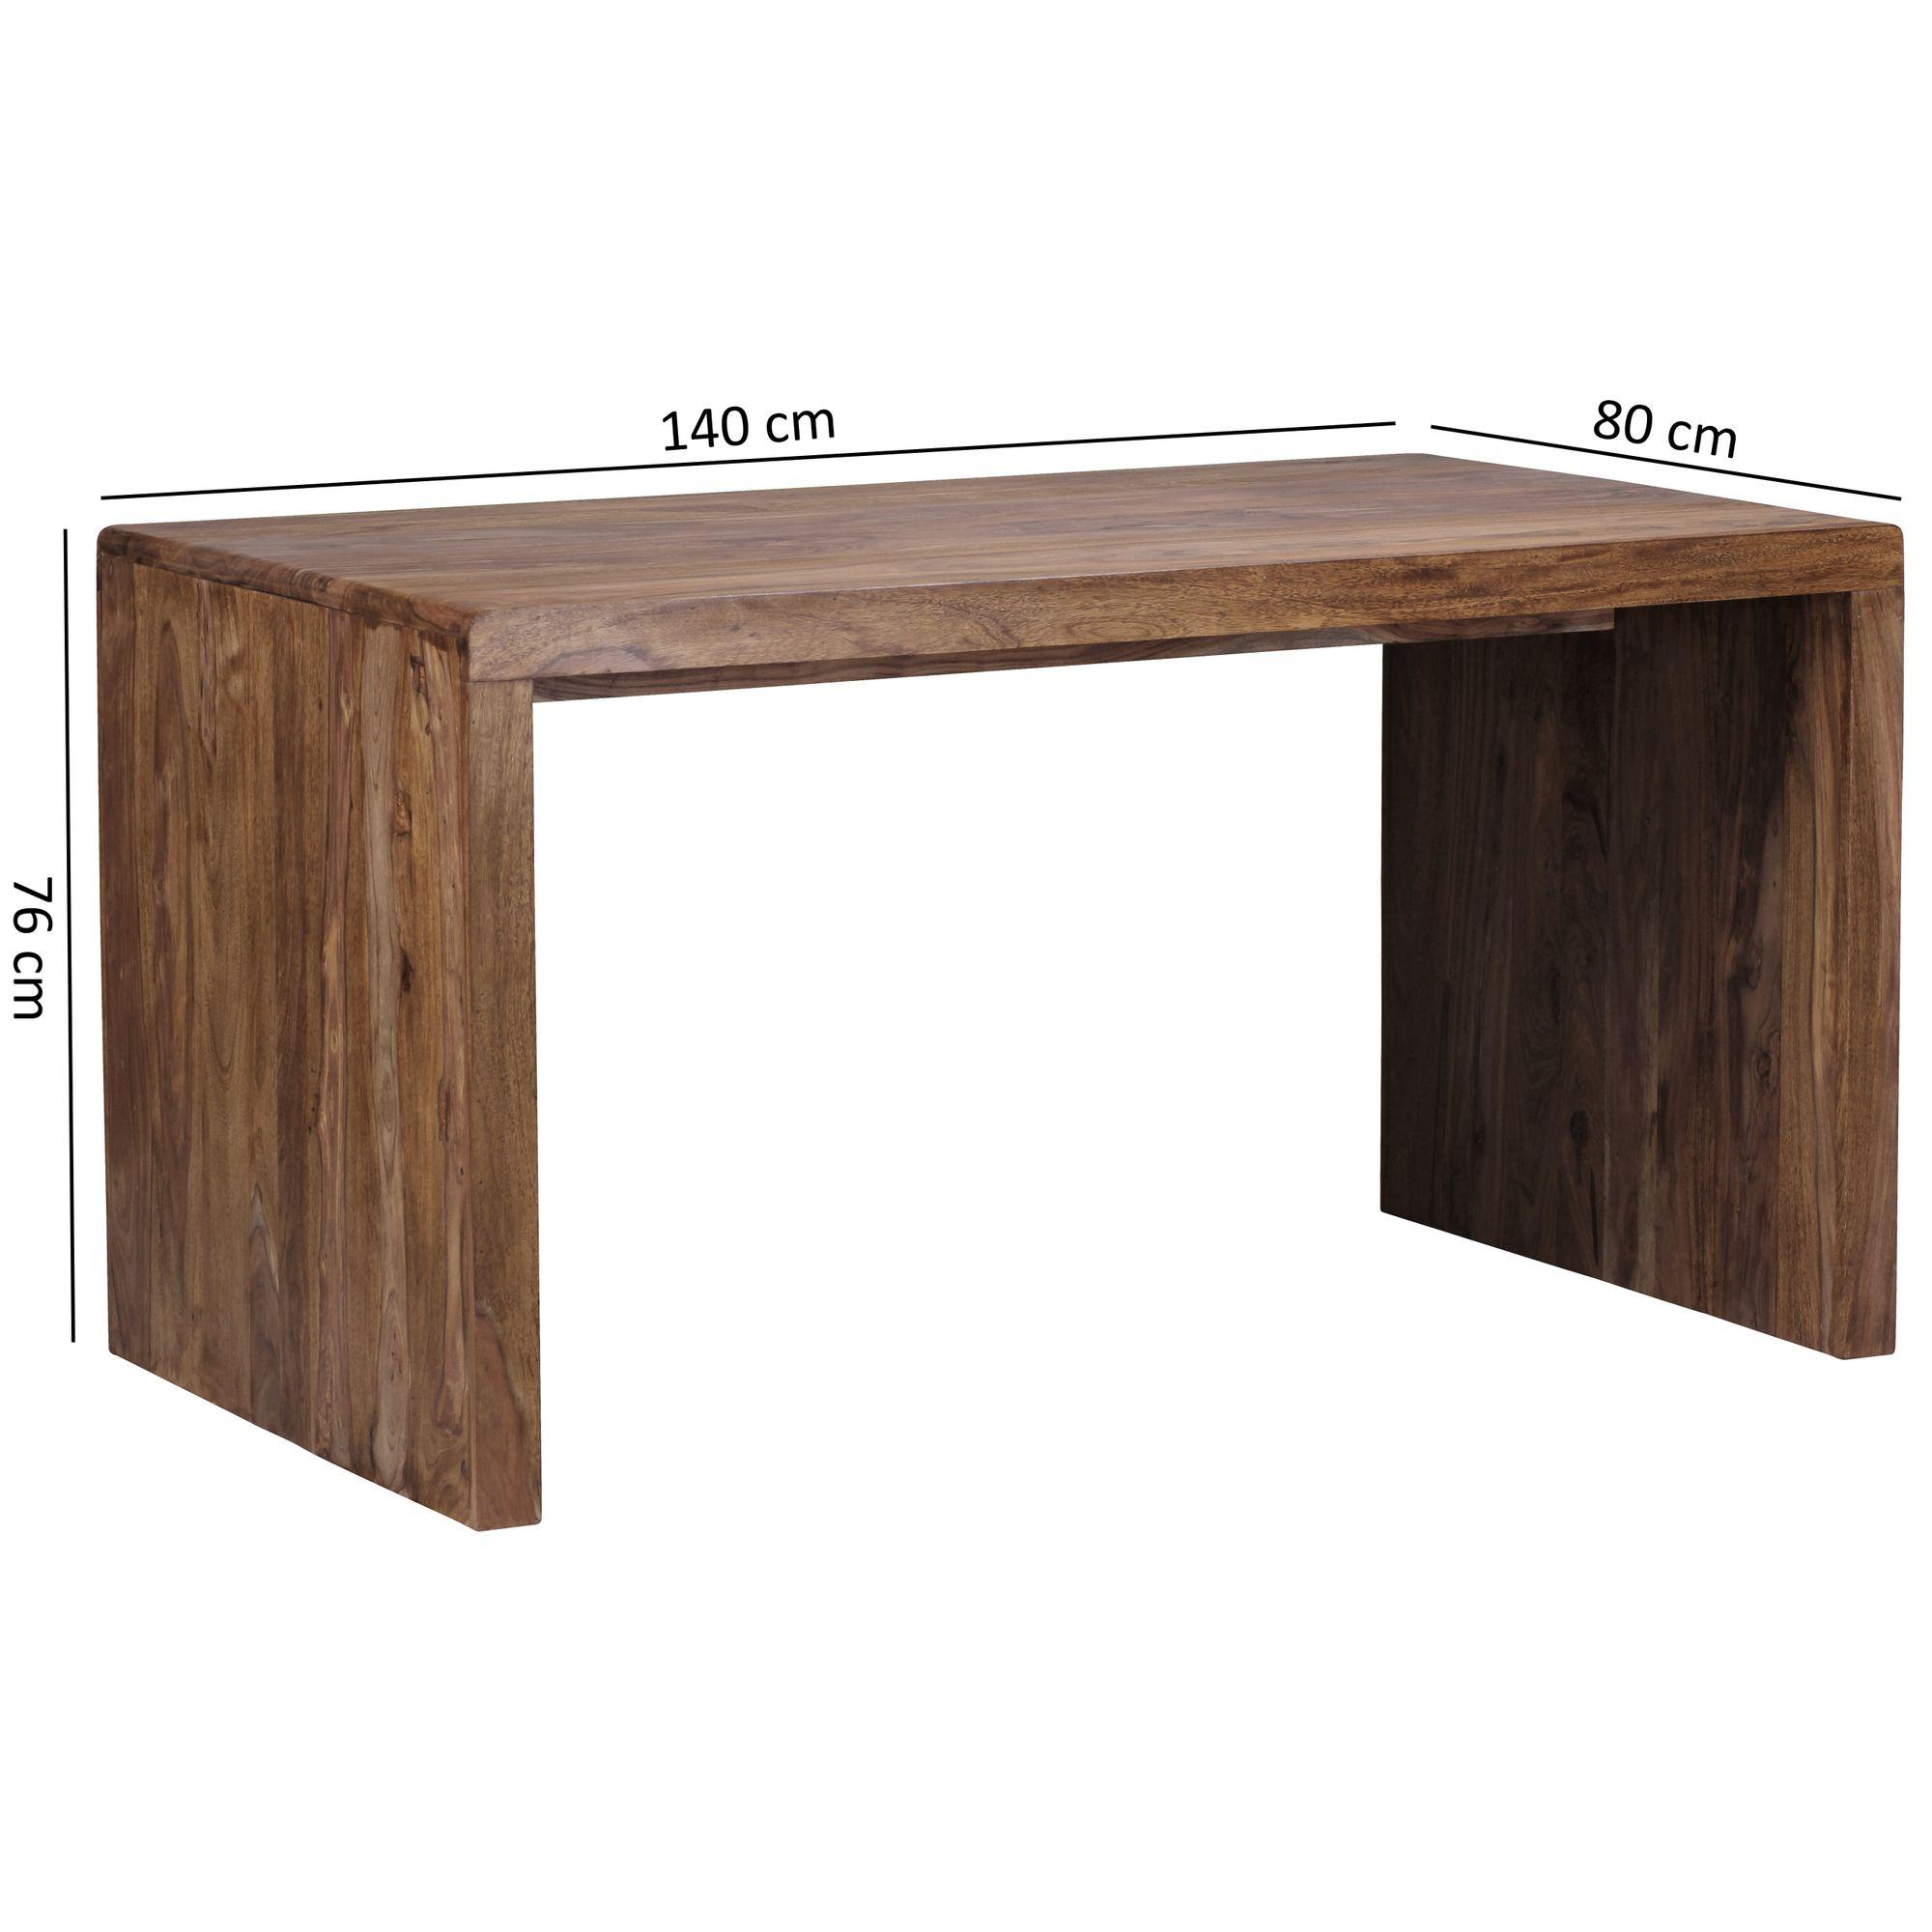 Beliebt Schreibtisch Massiv Holztisch Sheesham Palisander Büro TS66